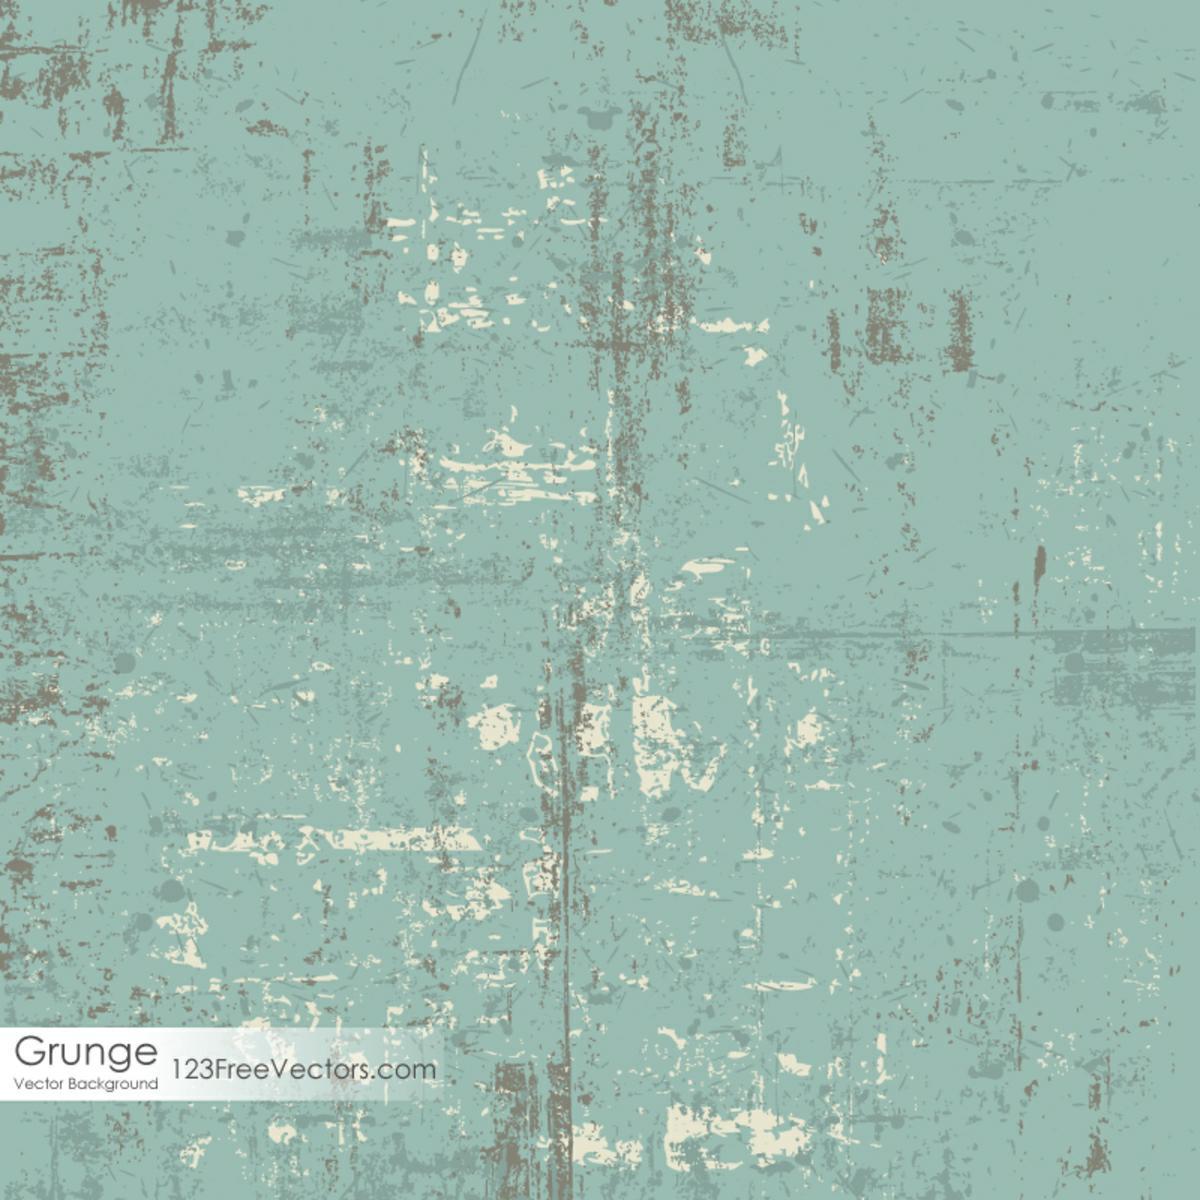 0011_纹理_AI复古破旧痕迹纹理背景矢量设计素材大图02辑-Grunge-Background-010_xPX_AI_DPI_4.0_0